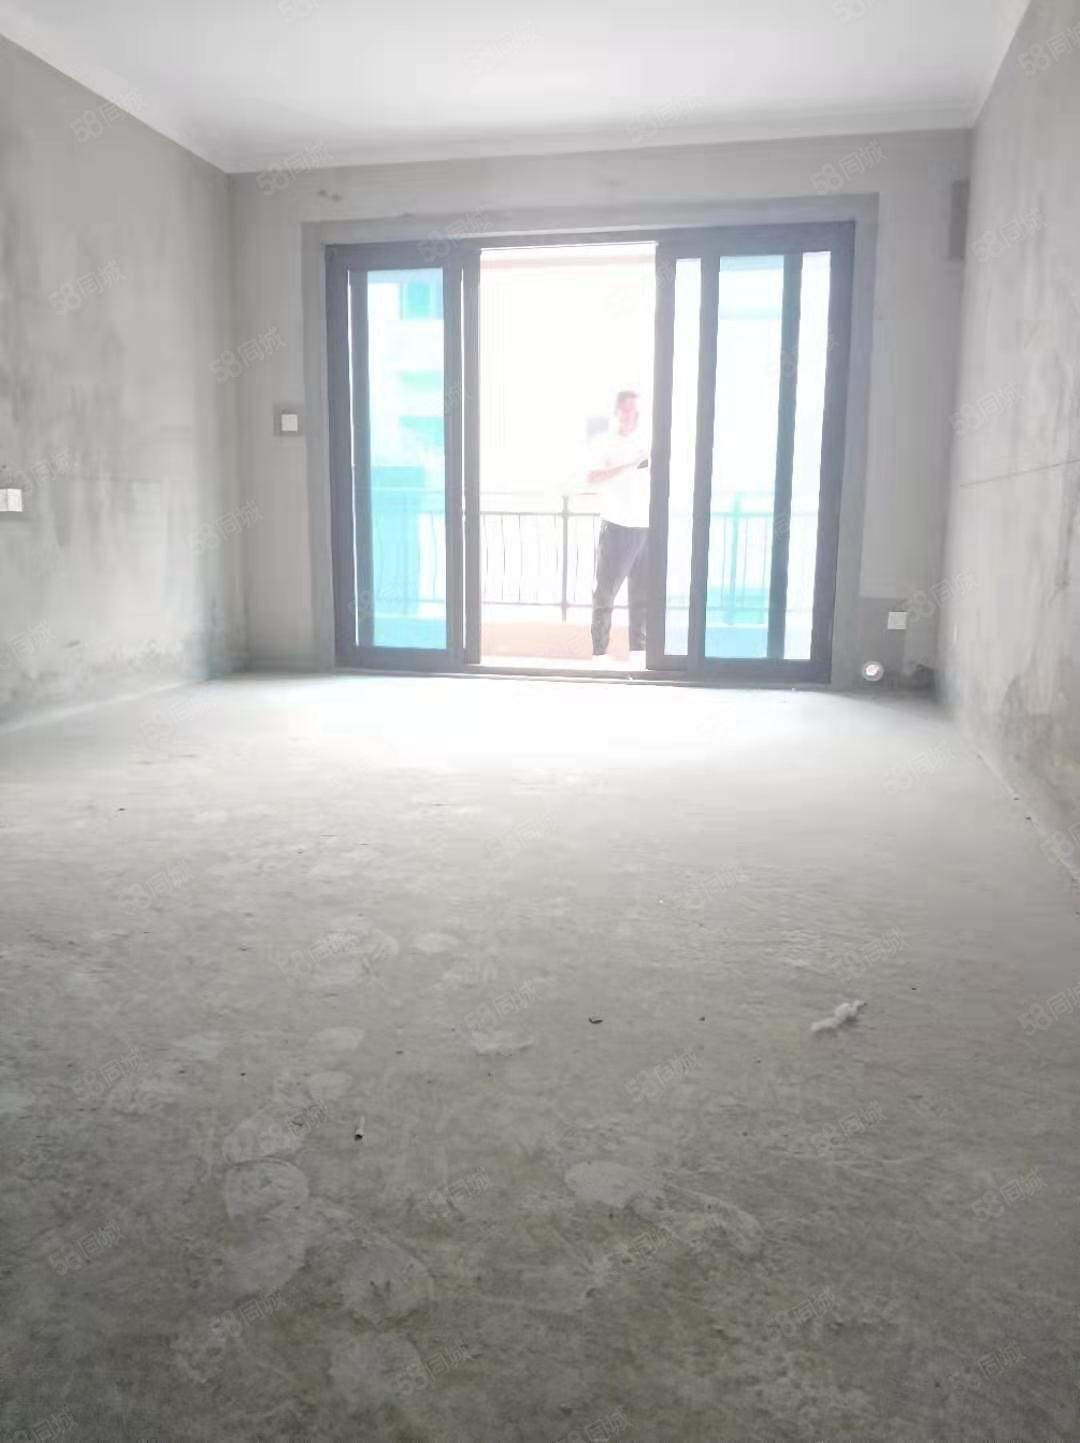 碧桂园龙城性价比超高,单价低,随时看房,户型方正,采光充足